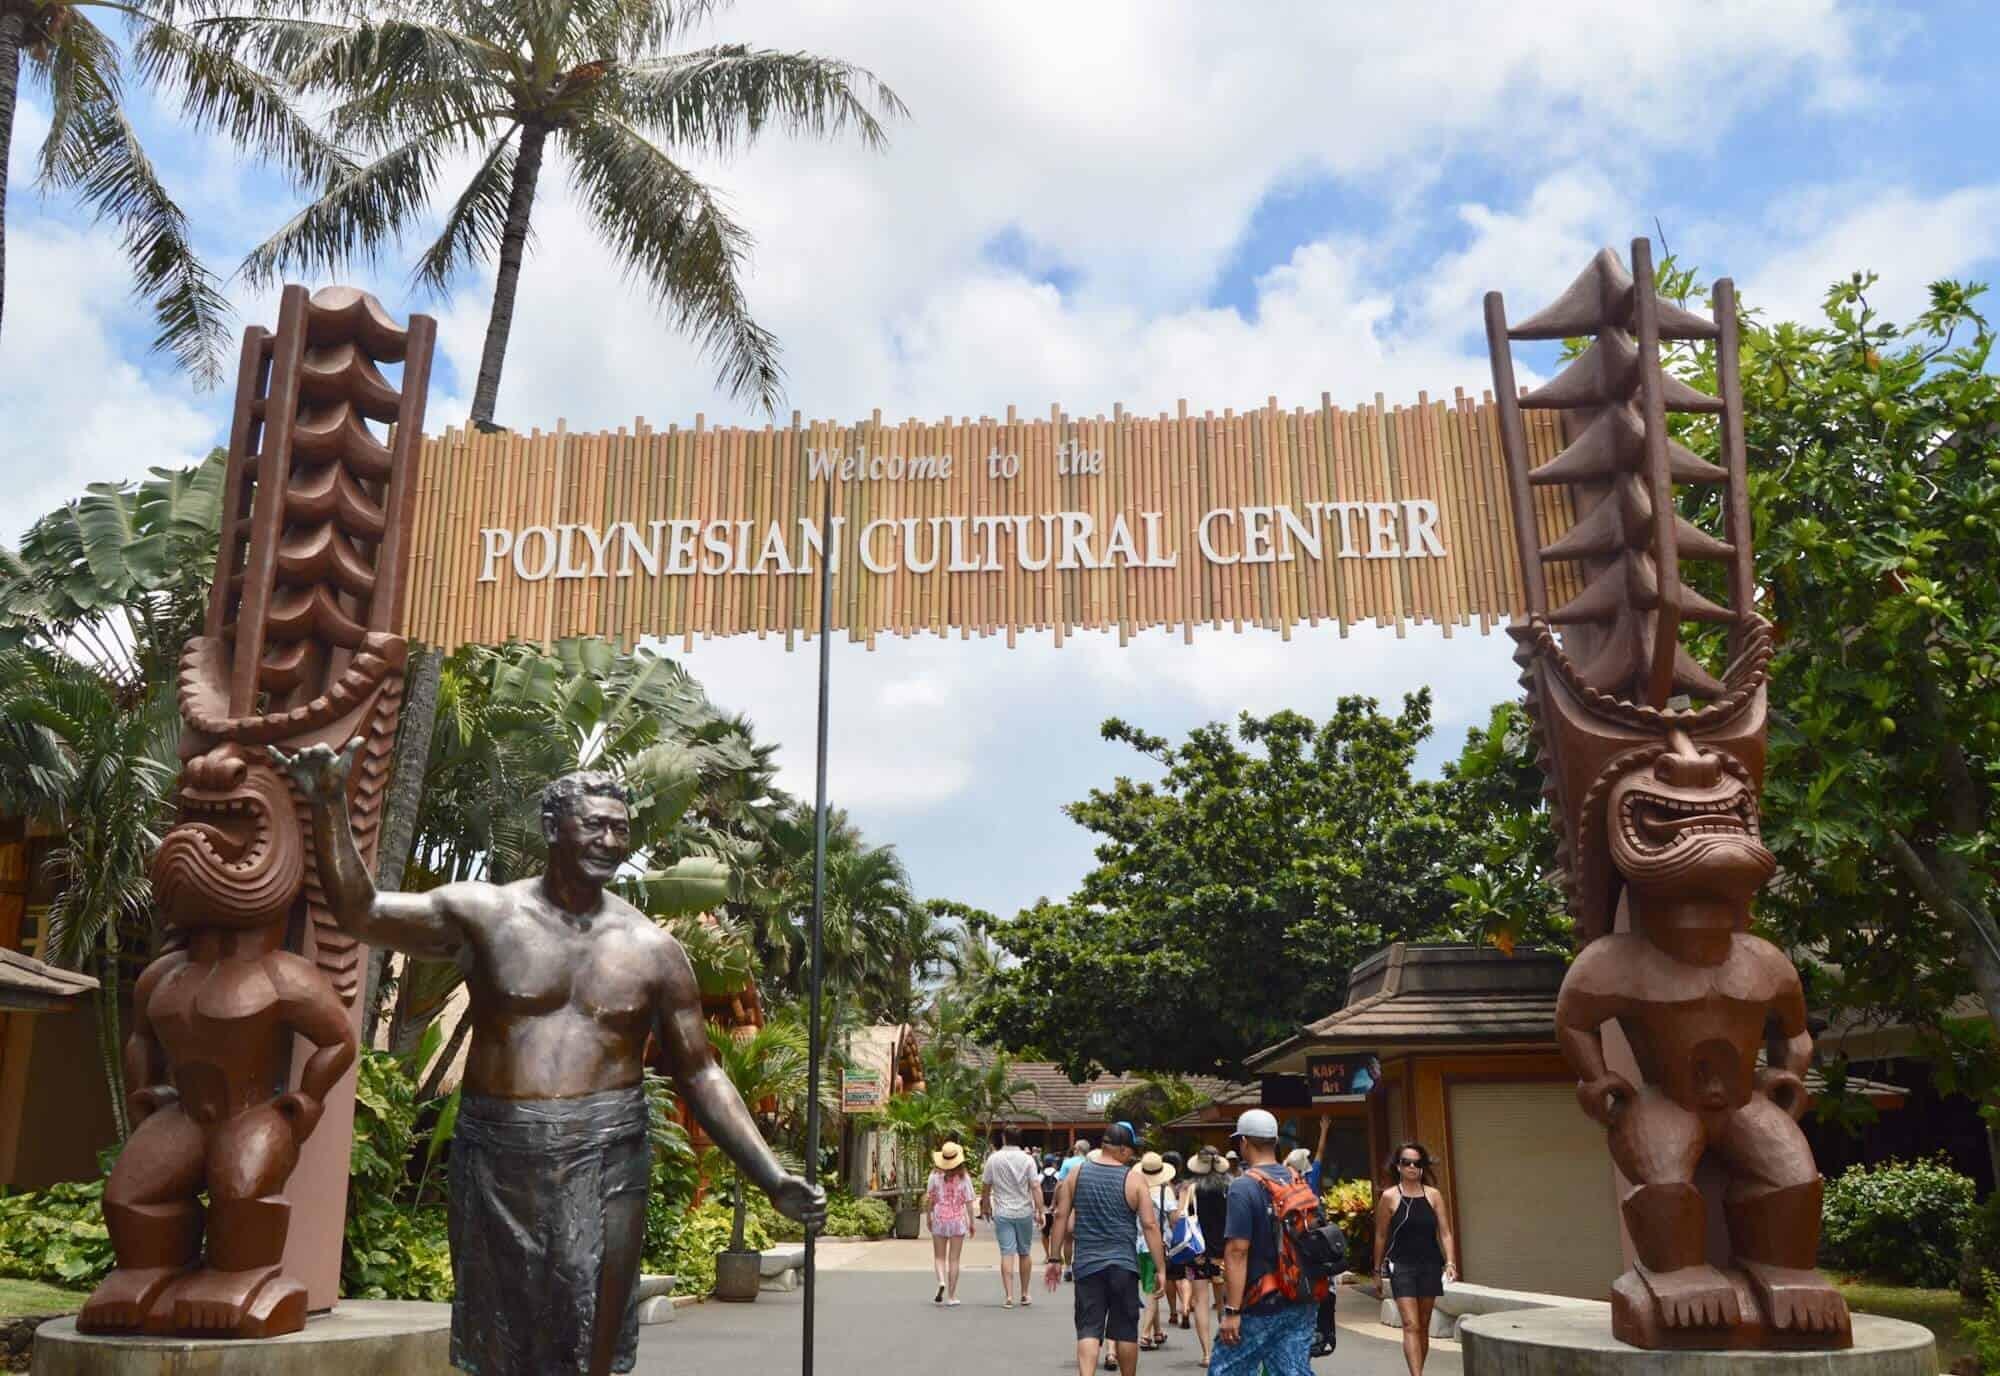 Polynesian Culture Center